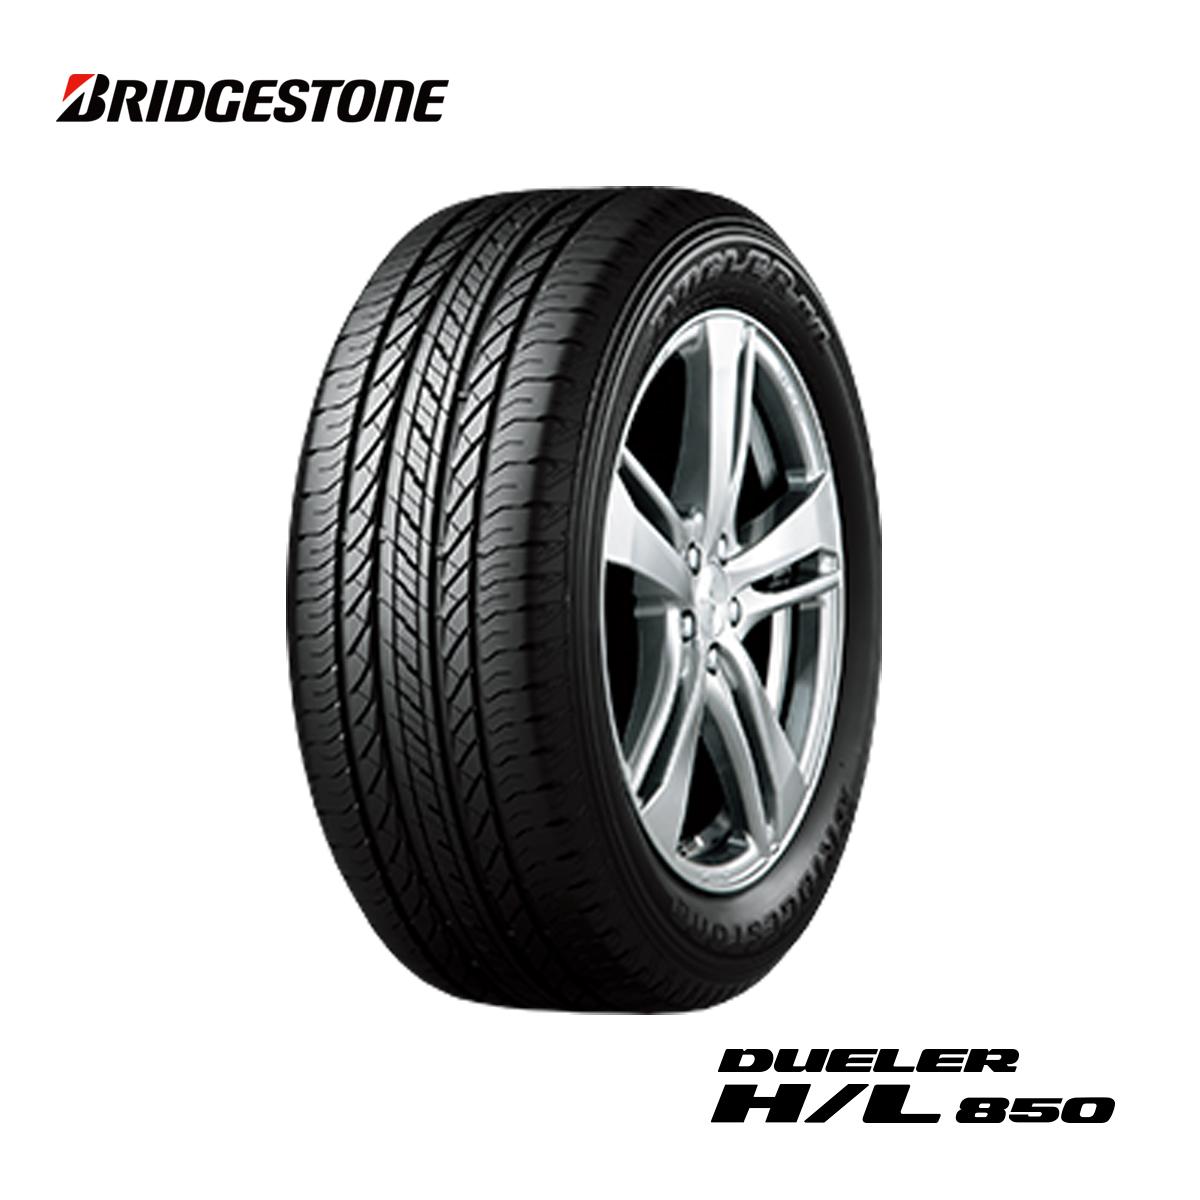 ブリヂストン BS 17インチ タイヤ 215/60R17 215 60 17 デューラー サマー タイヤ 1本 4WD SUV オフロード タイヤ BRIDGESTONE DUELER H/L850